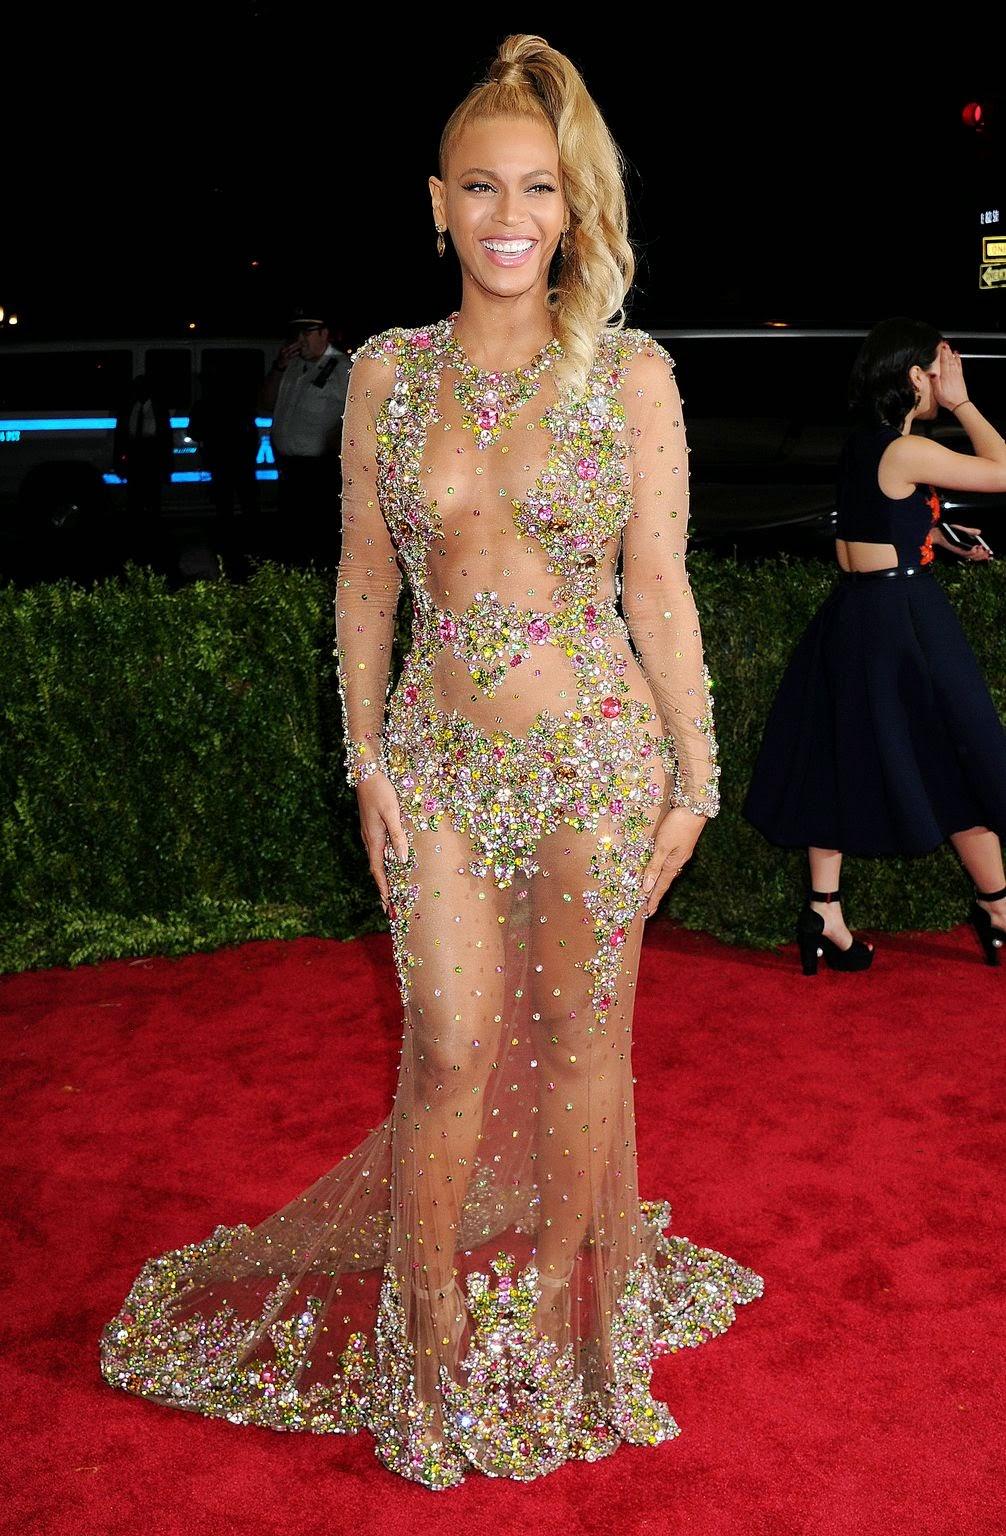 Dress at The 2015 Met Gala